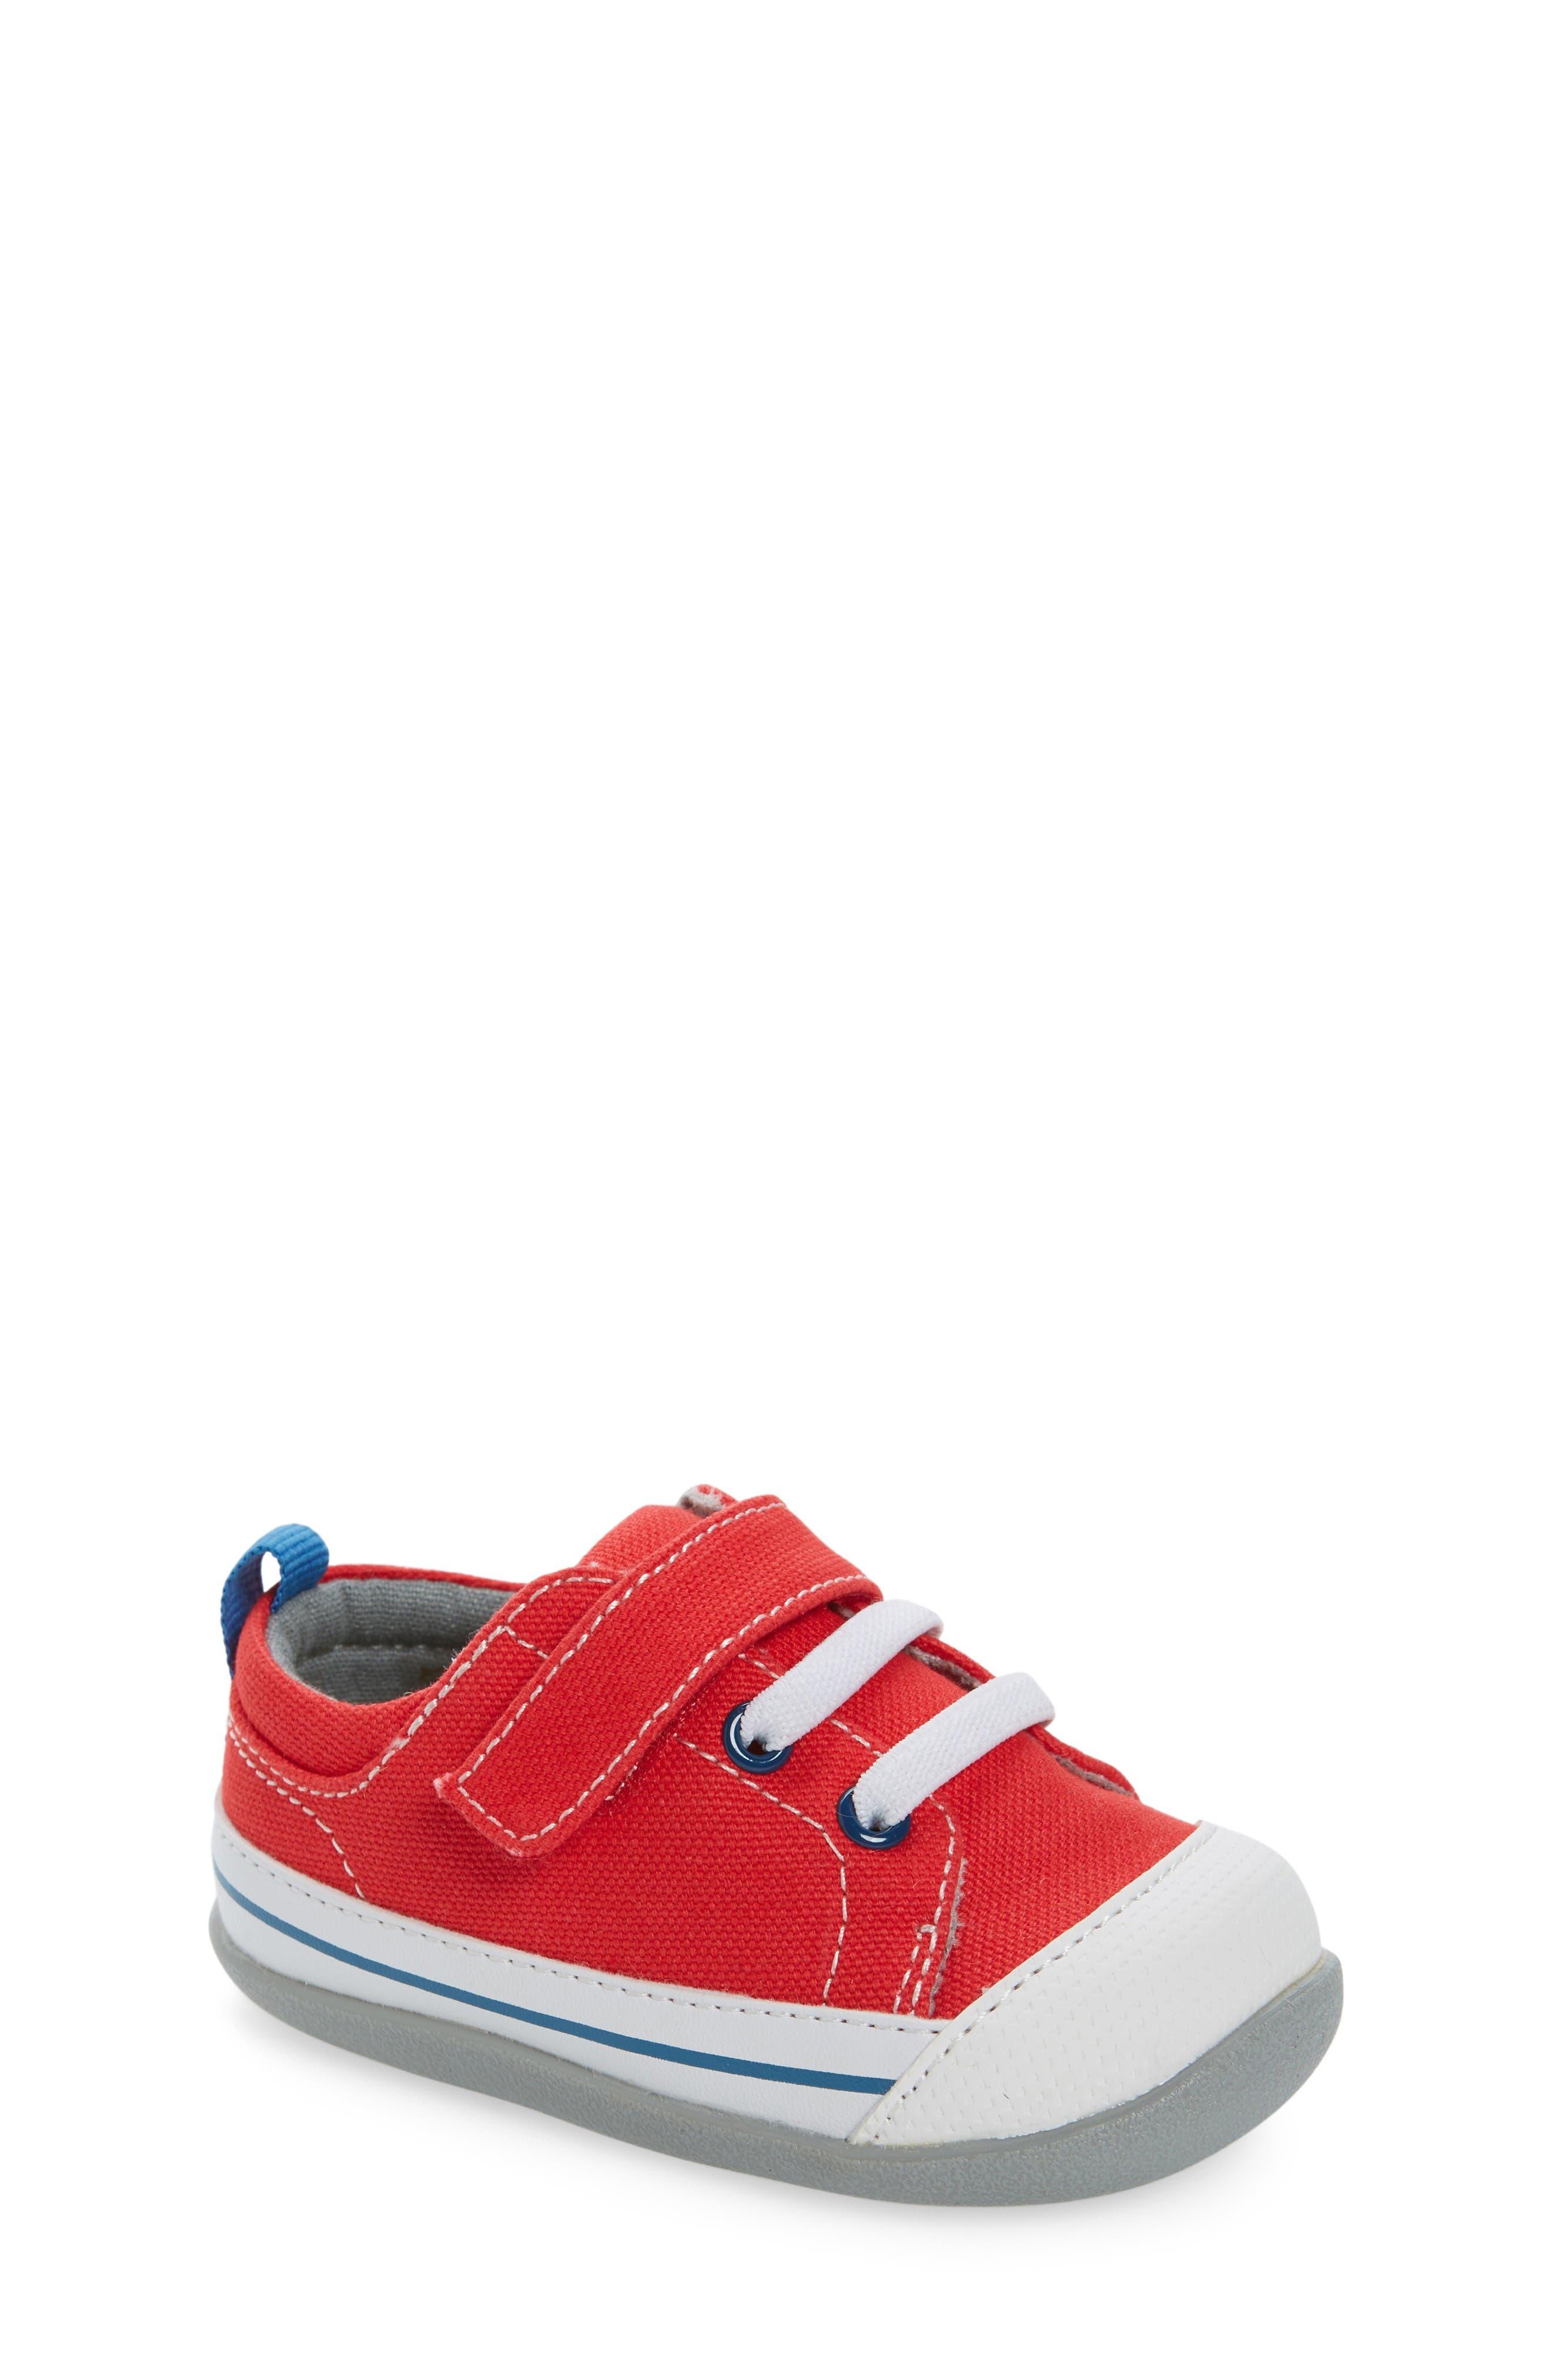 Main Image - See Kai Run Stevie II Sneaker (Baby & Walker)